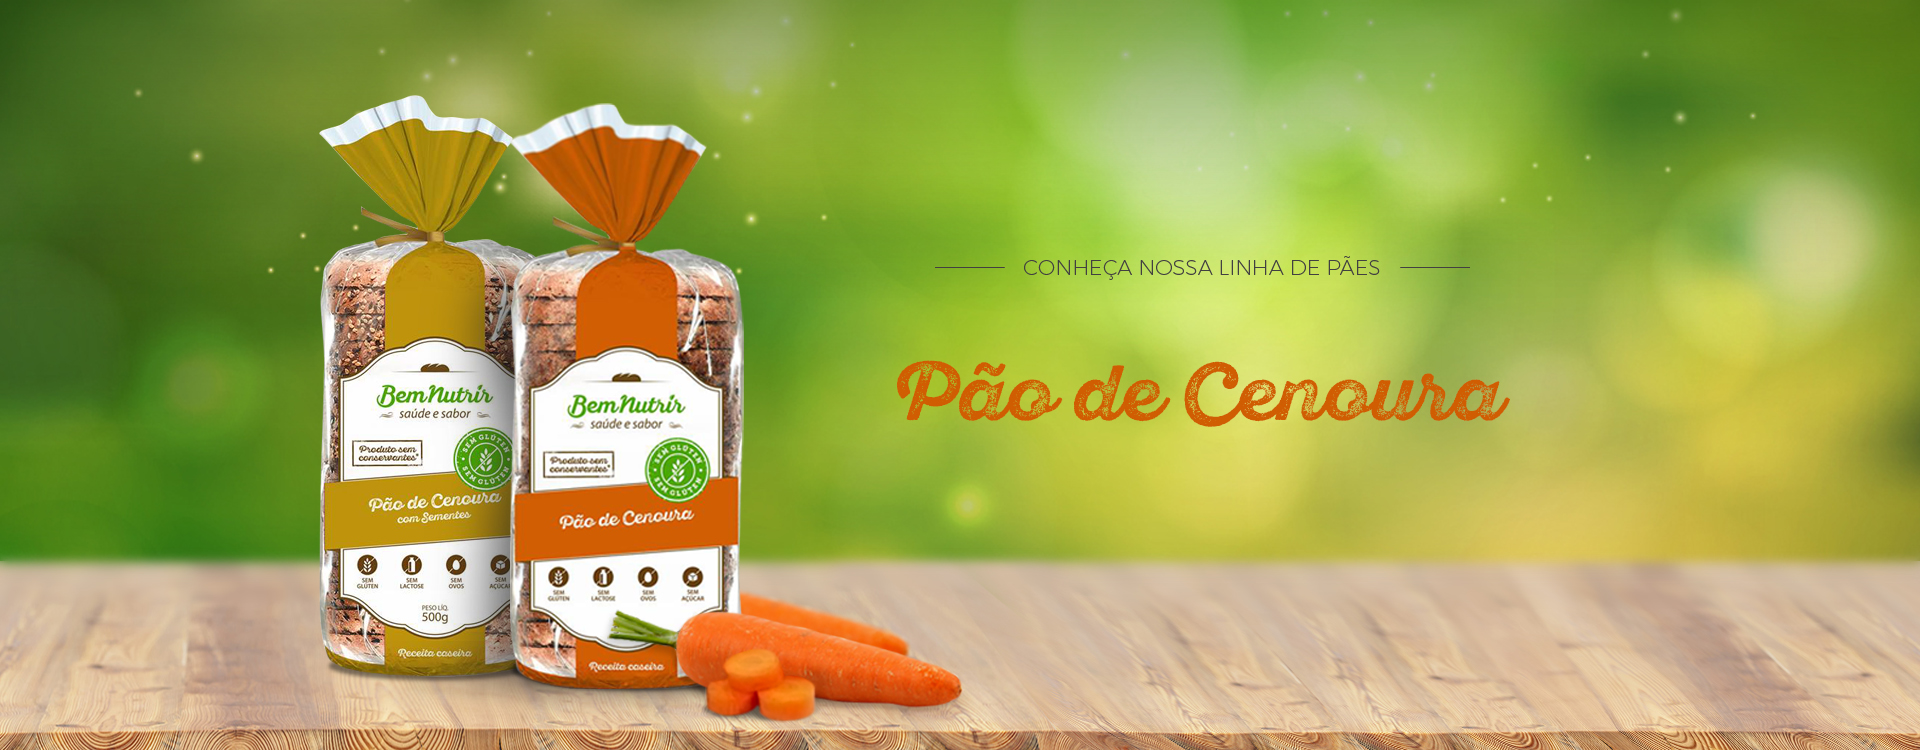 pao-cenoura